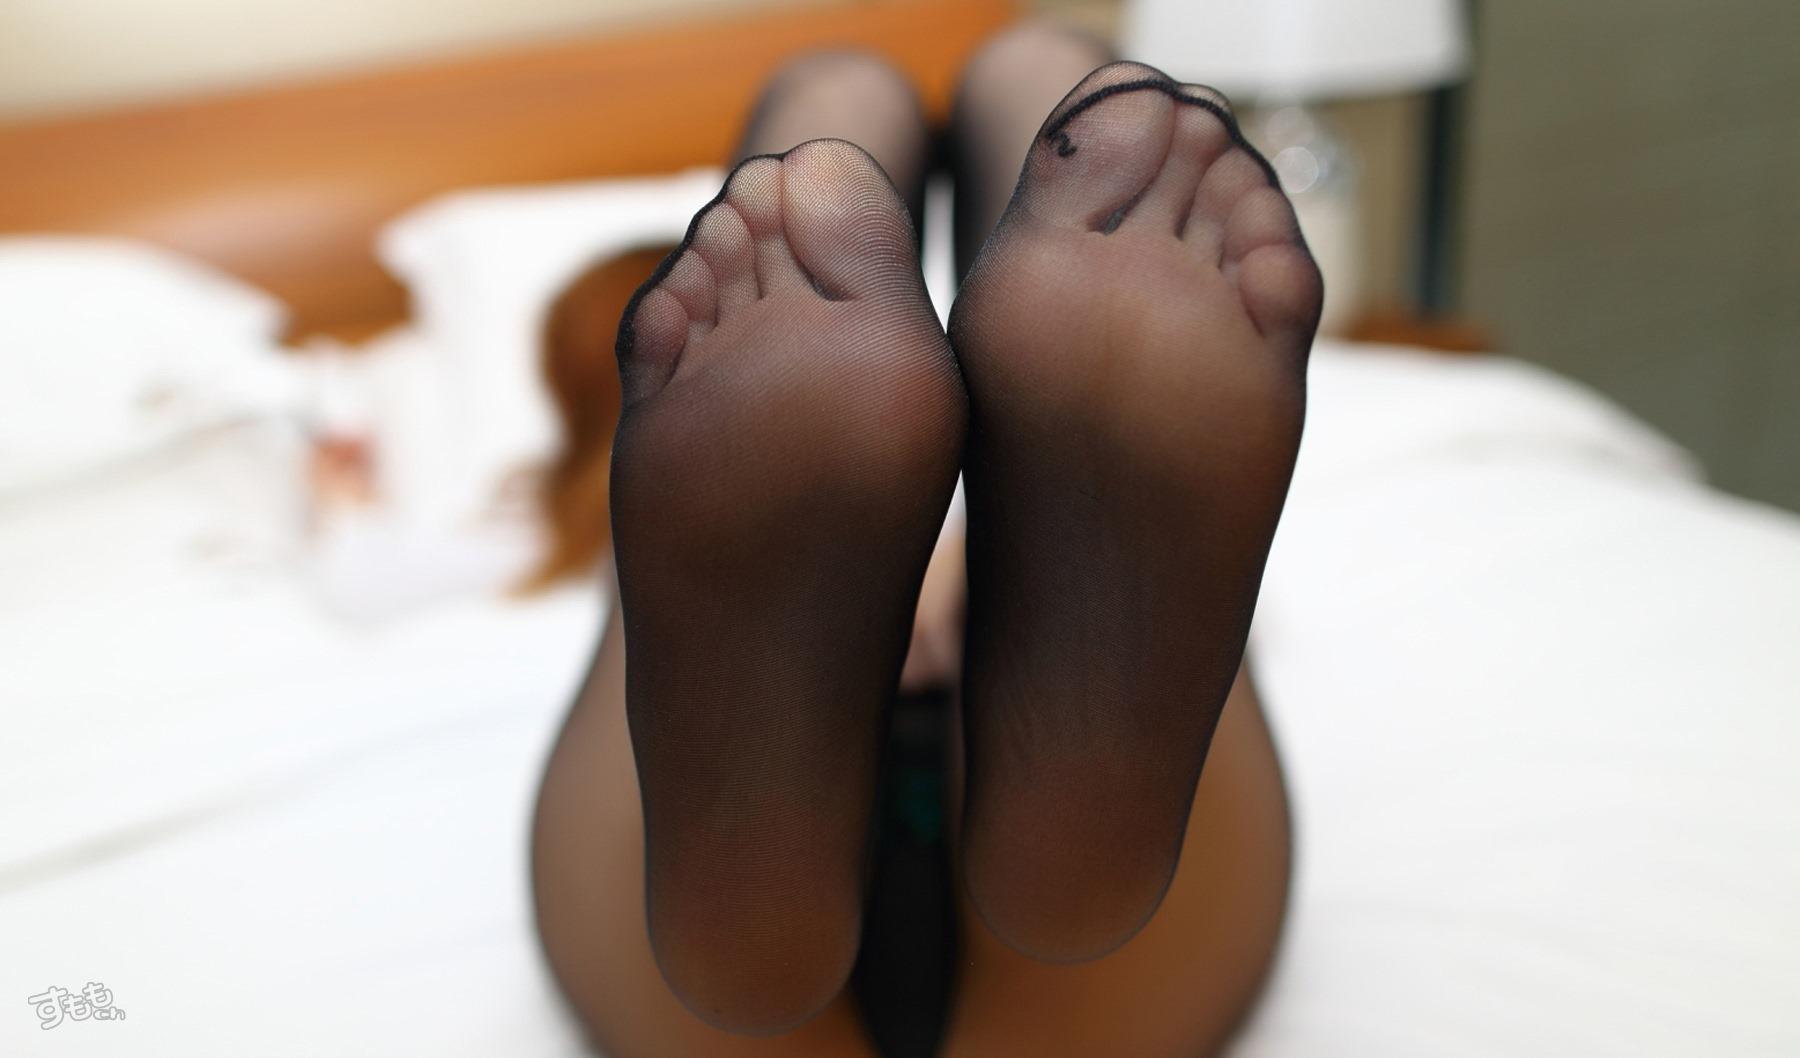 蒸れた足裏をペロペロ舐めたい!